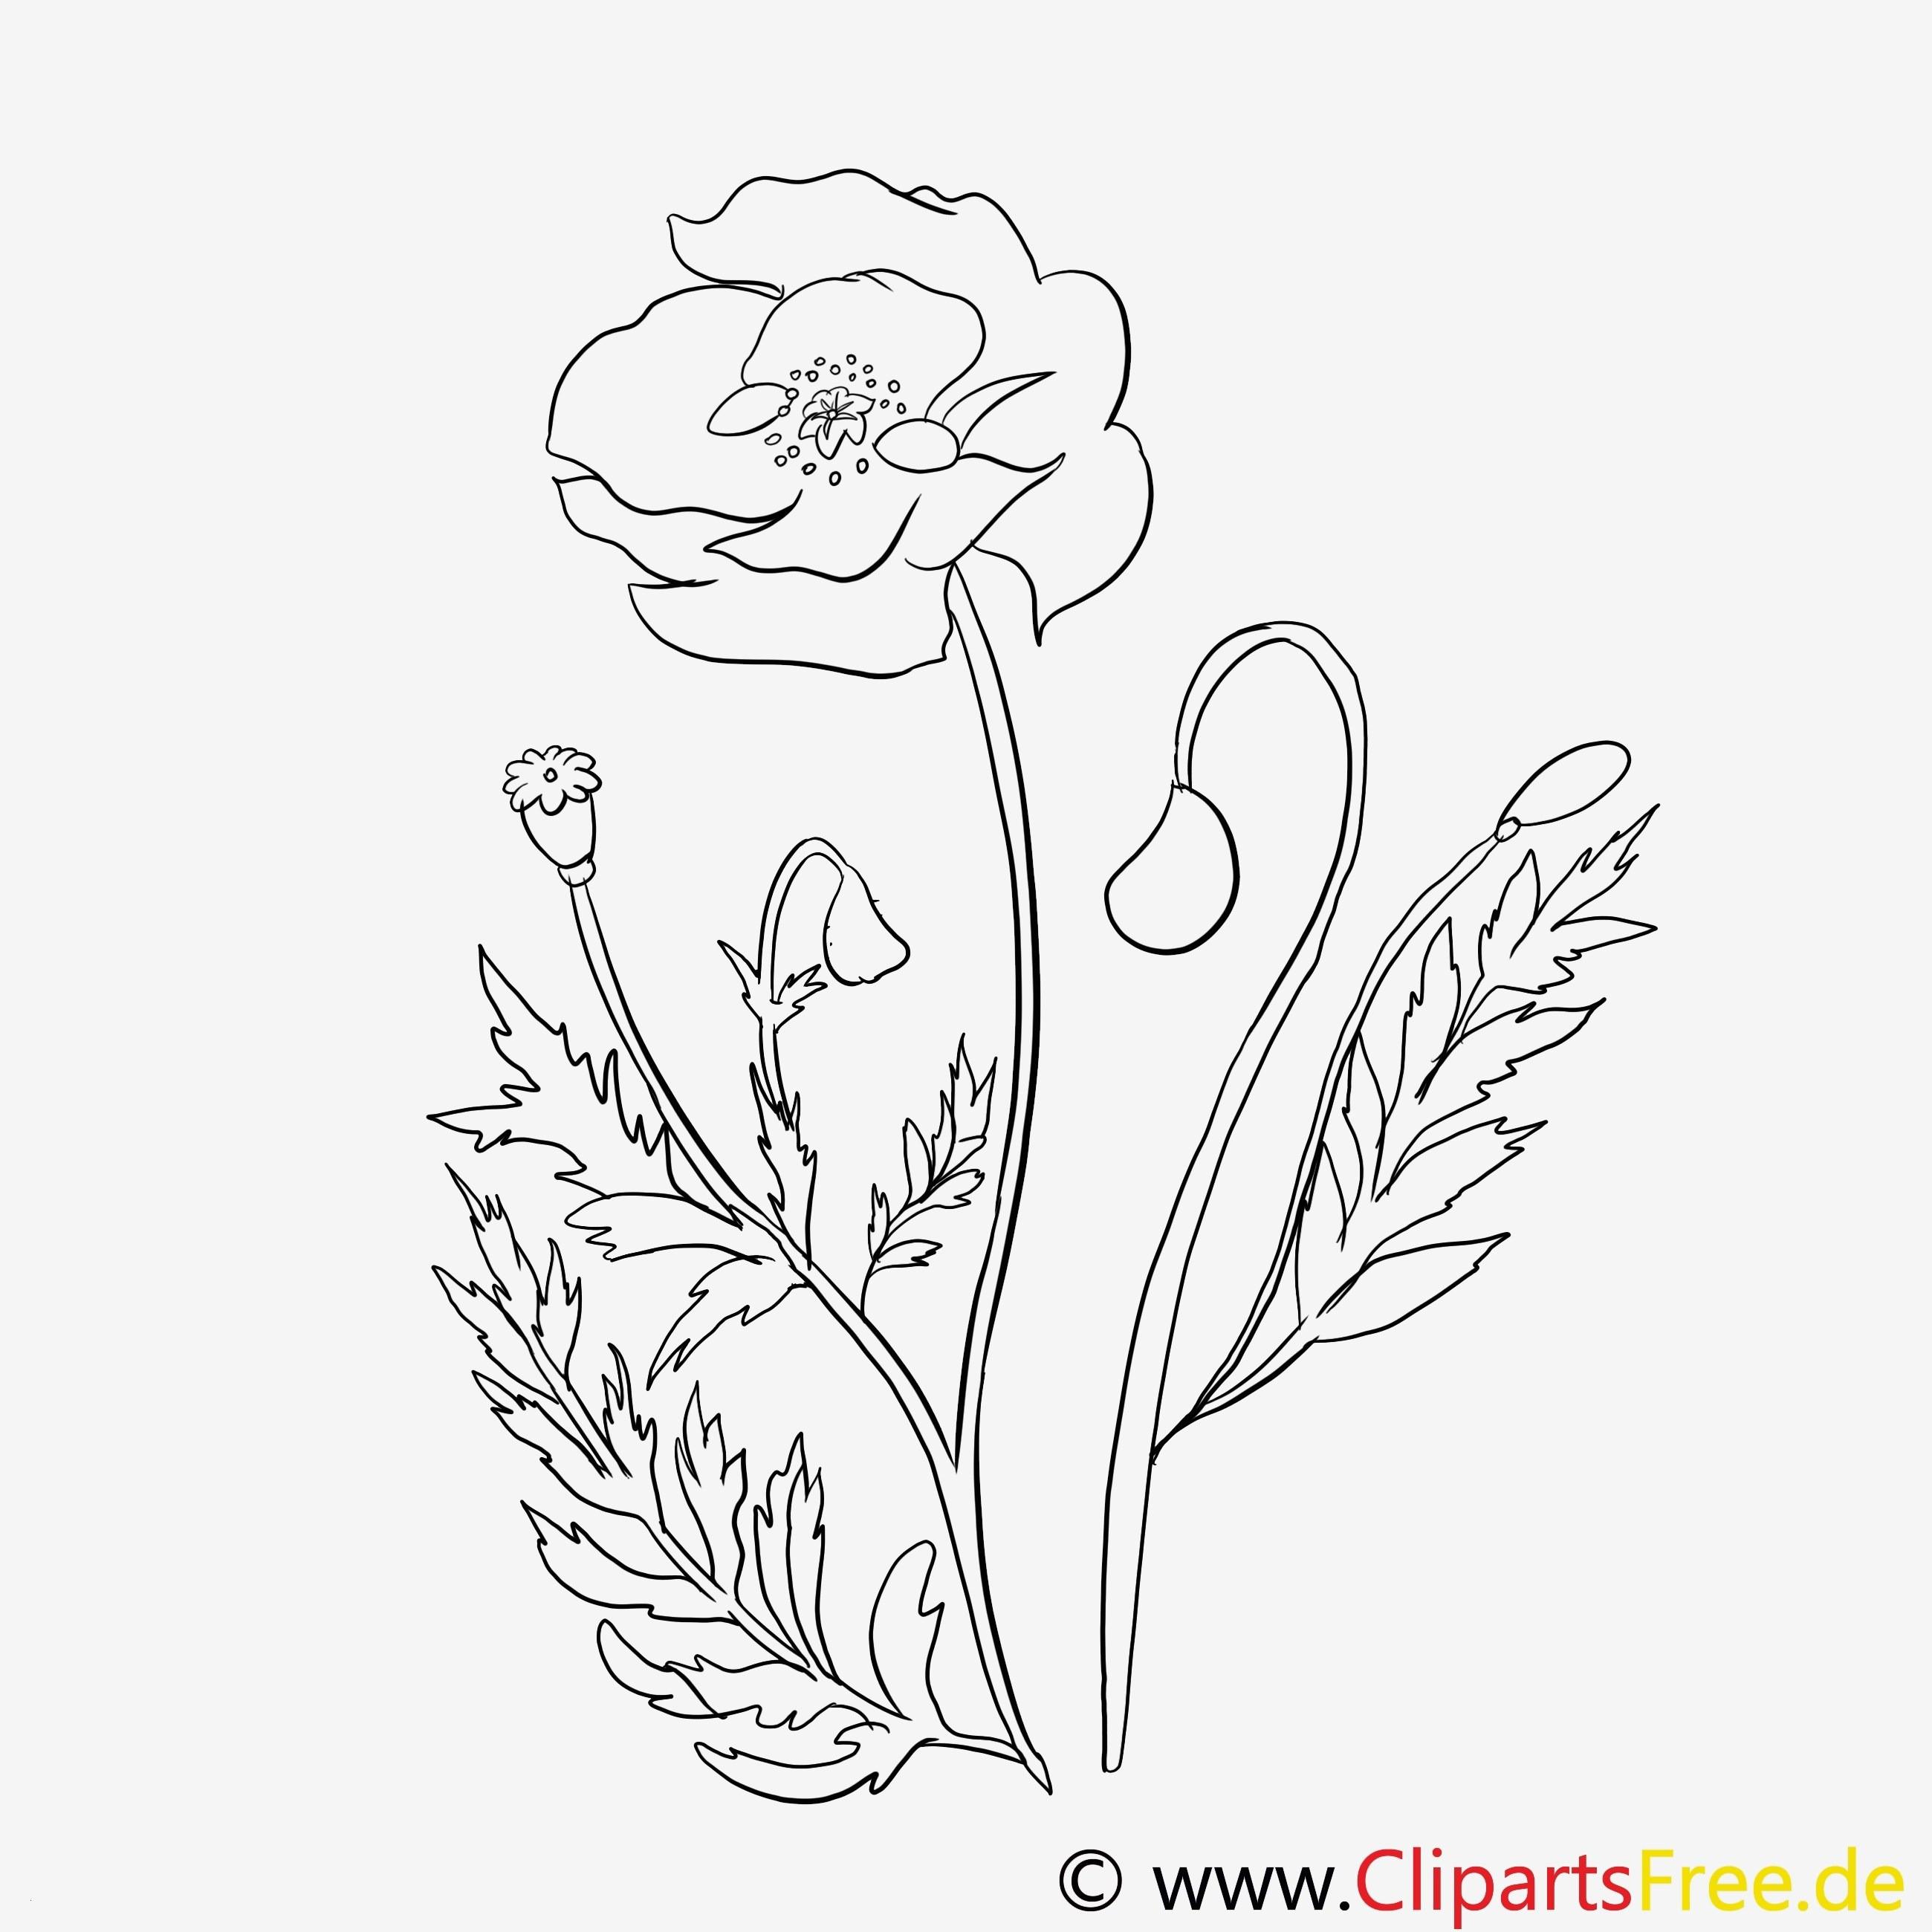 Malvorlage Blumen ornamente Inspirierend 28 Schön Gratis Malvorlagen Blumen Mickeycarrollmunchkin Fotos